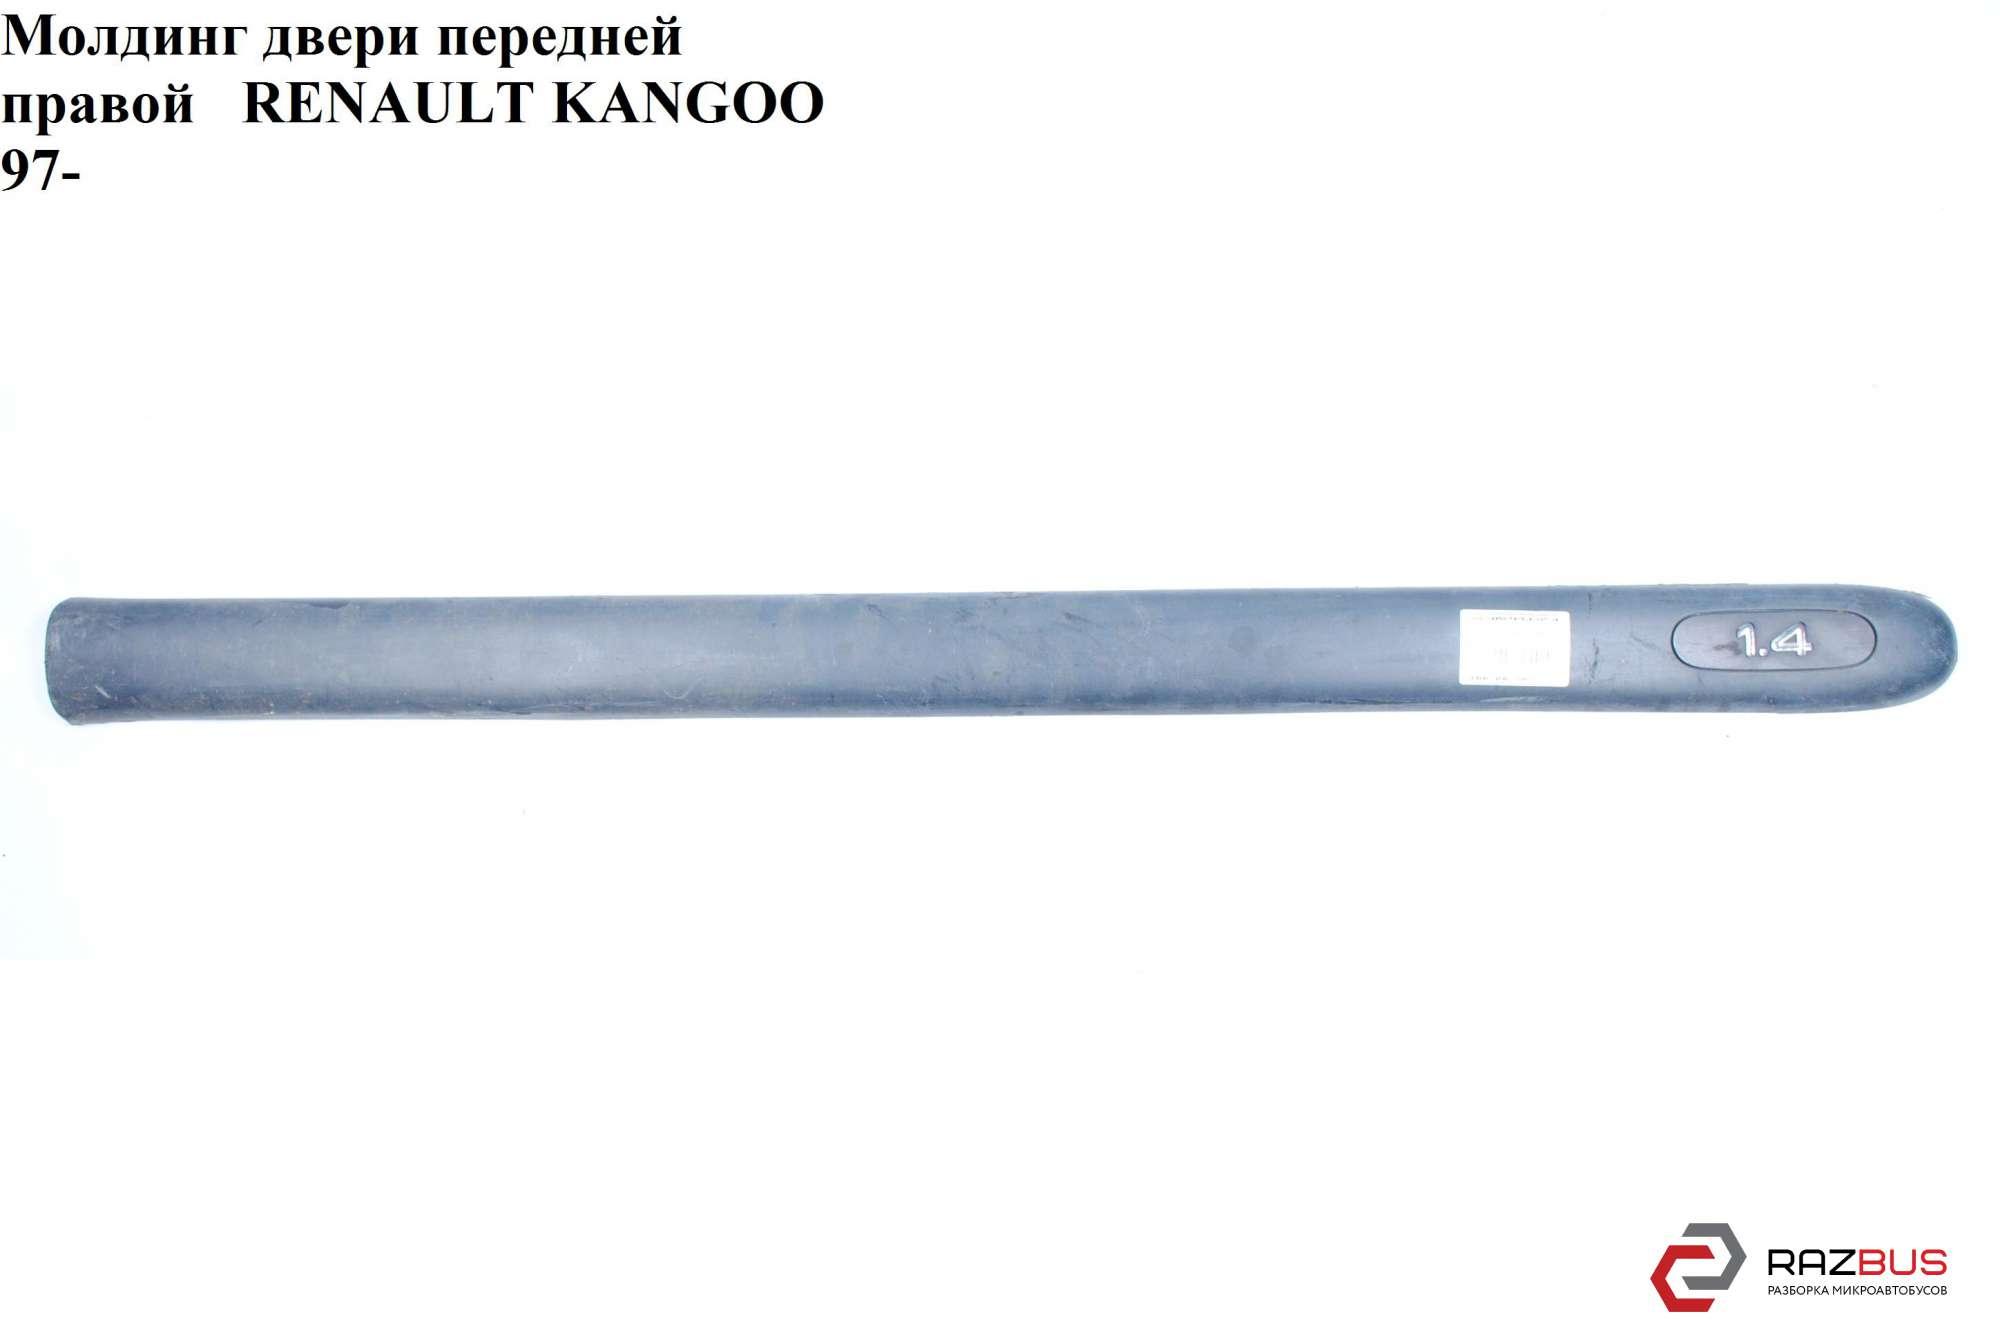 Молдинг двери передней правой h6,5 RENAULT KANGOO 1997-2007г